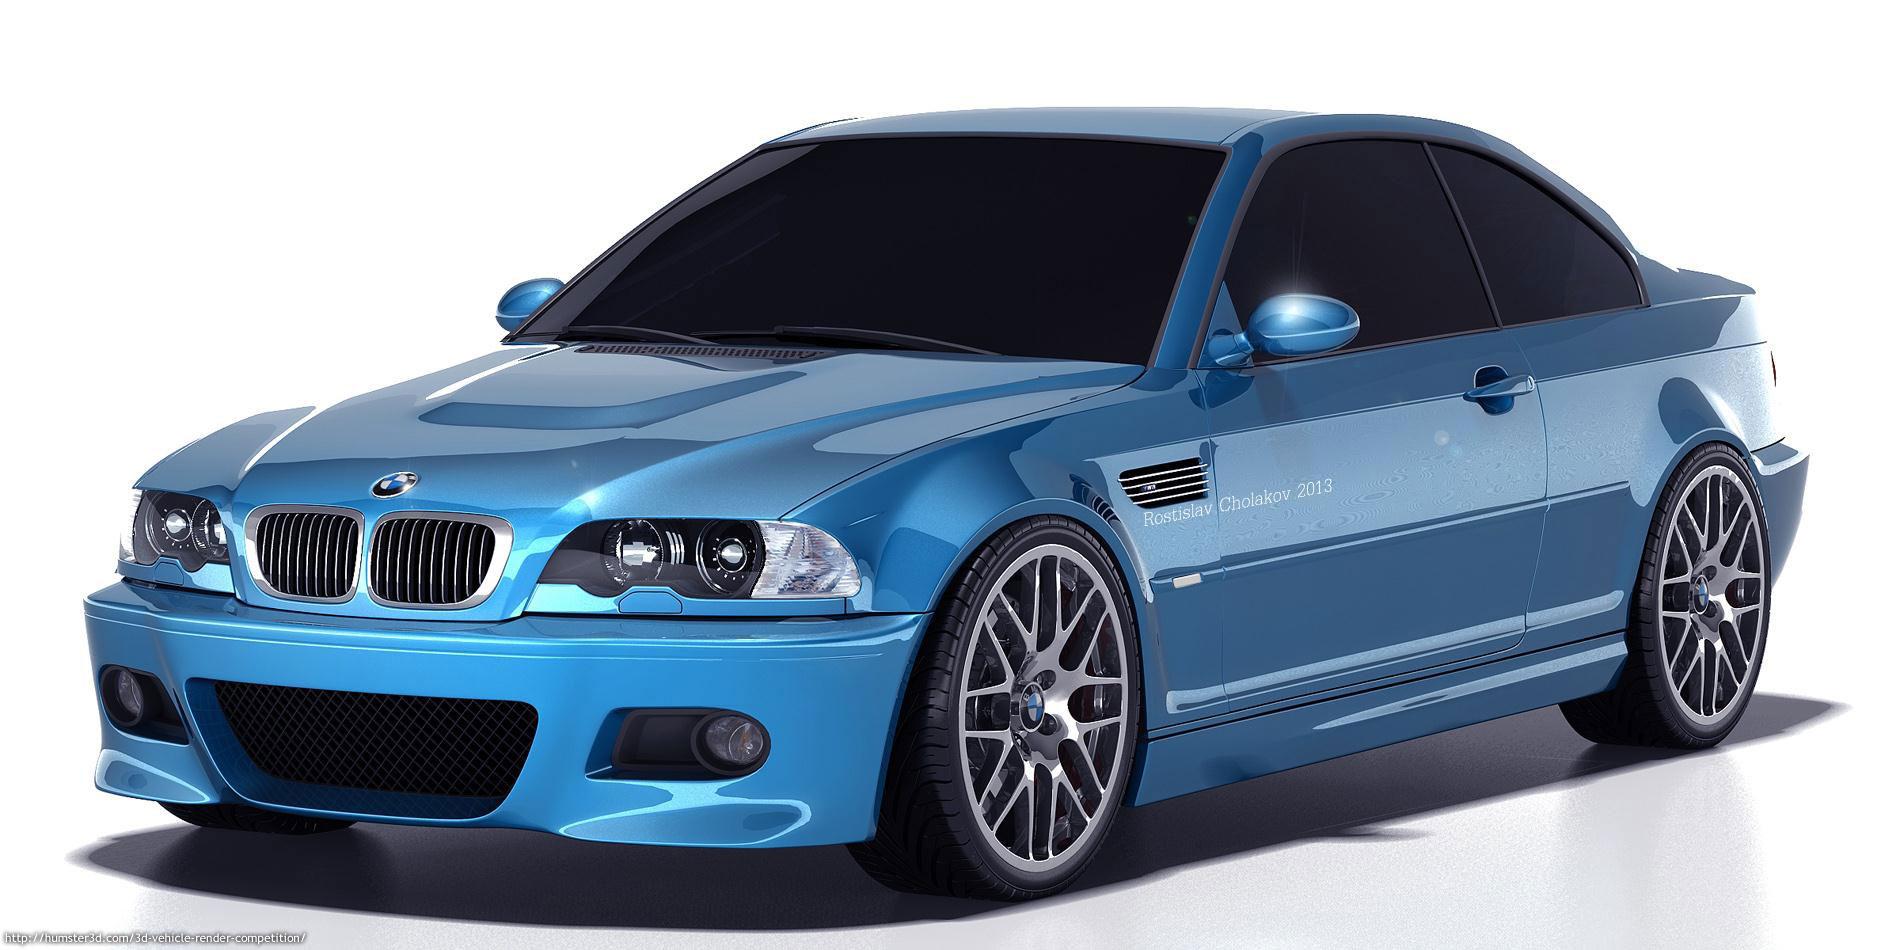 BMW M3 E46 Render